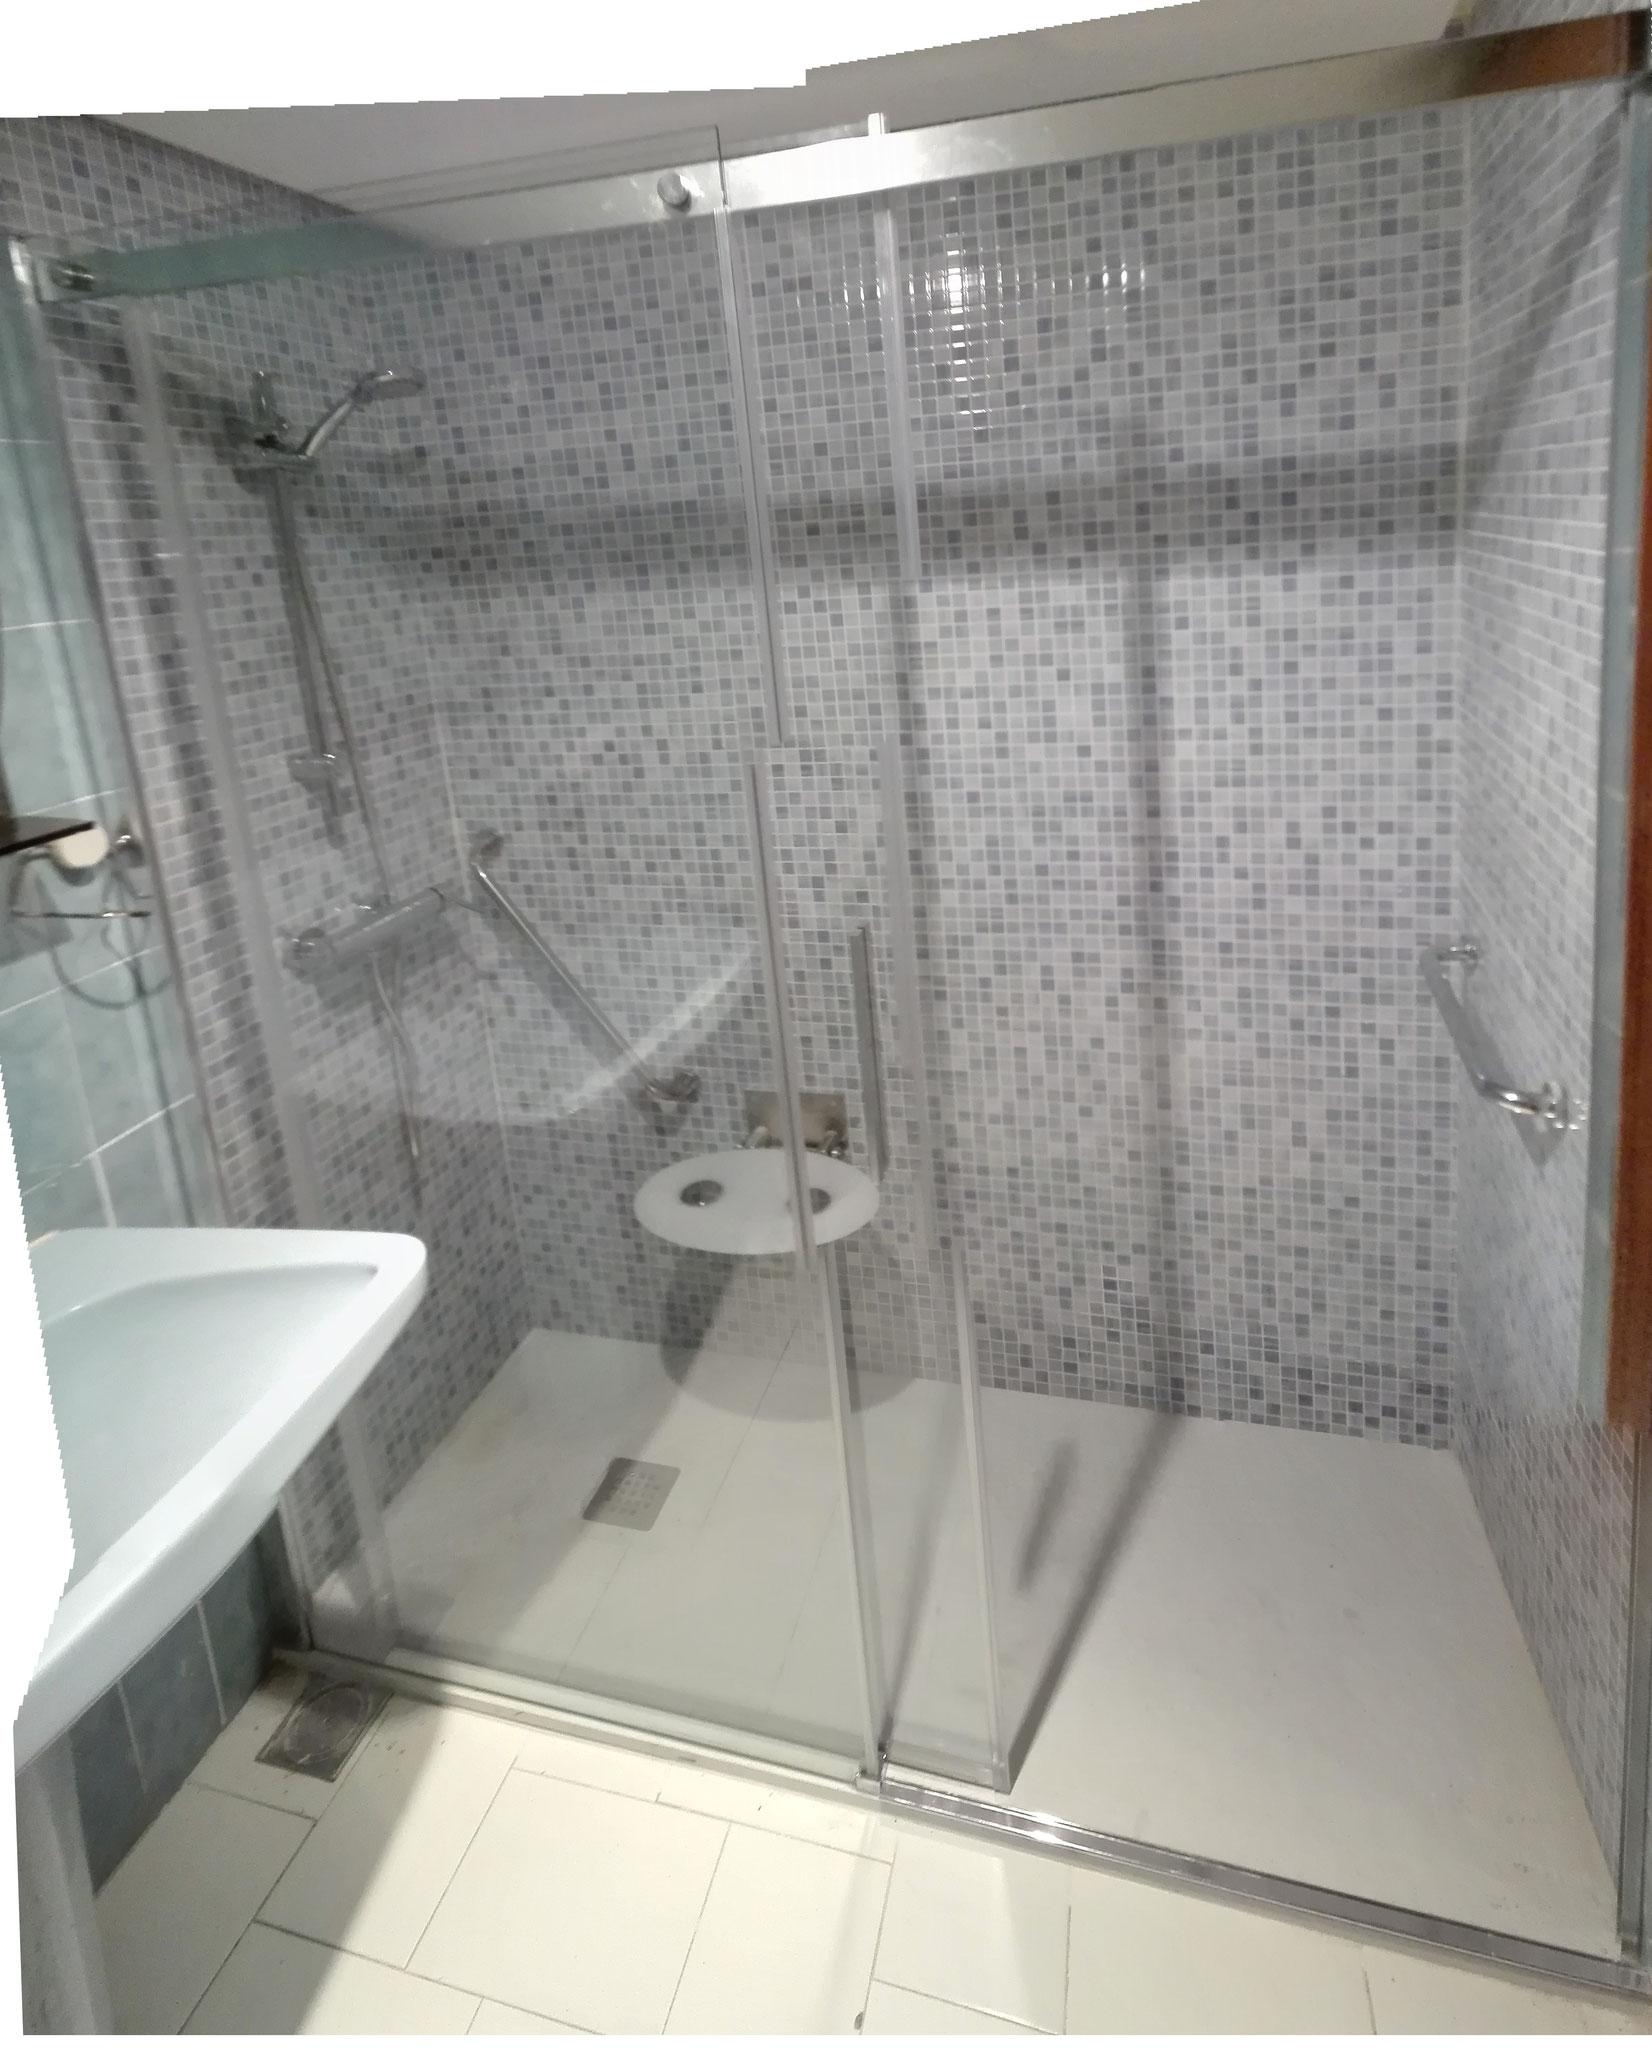 cambio de bañera a ducha con plato de ducha de mármol antideslizante y alicatado hasta techo.Mampara fijo +corredera y asiento de ducha